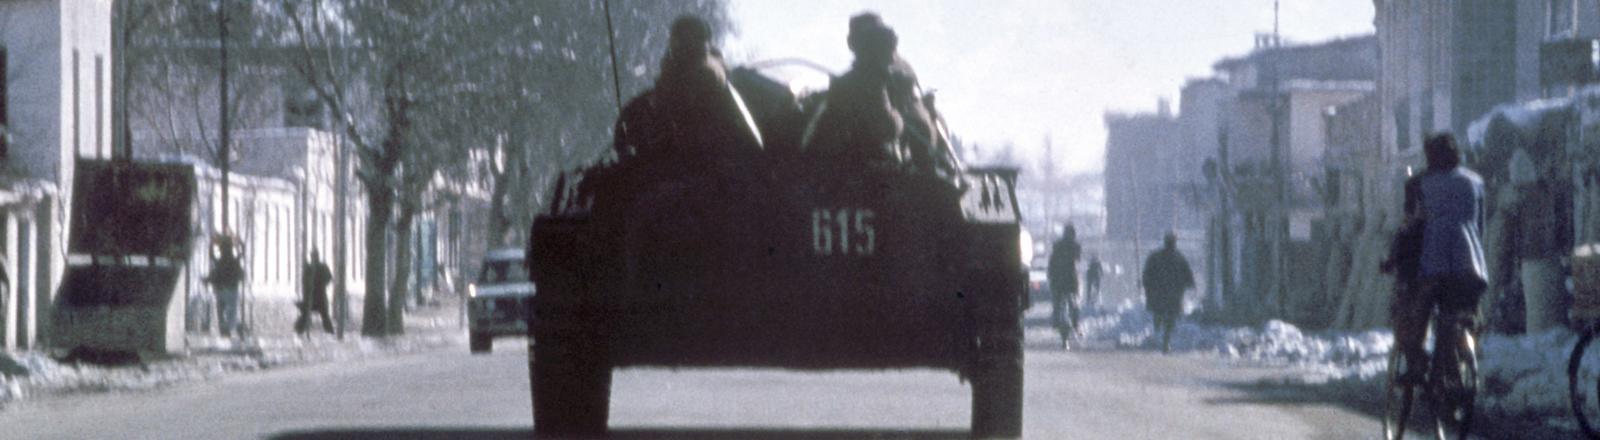 Panzer auf einer Straße